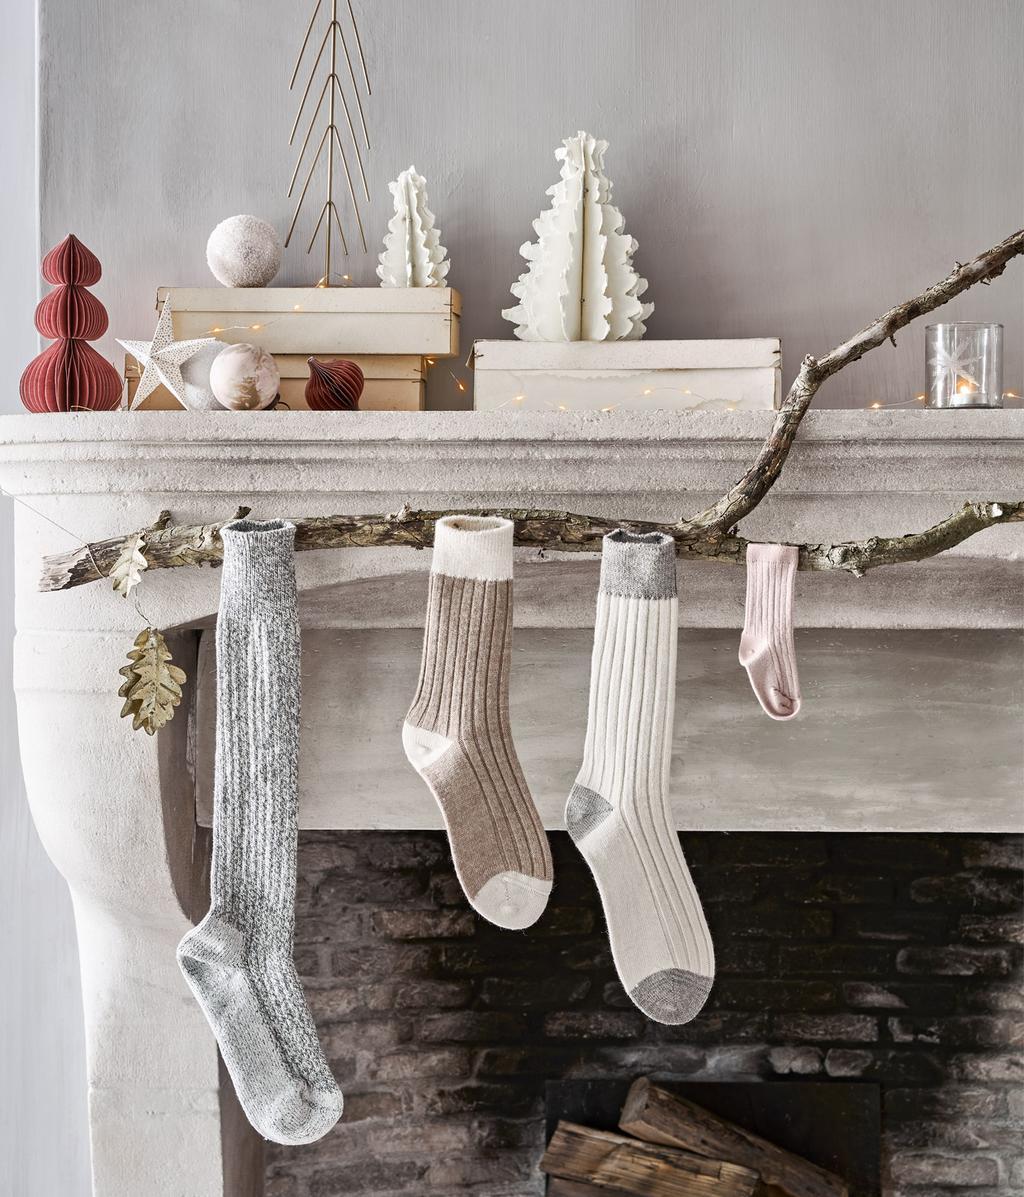 Speels kersthuis | sokken hangen |  special 12-2020